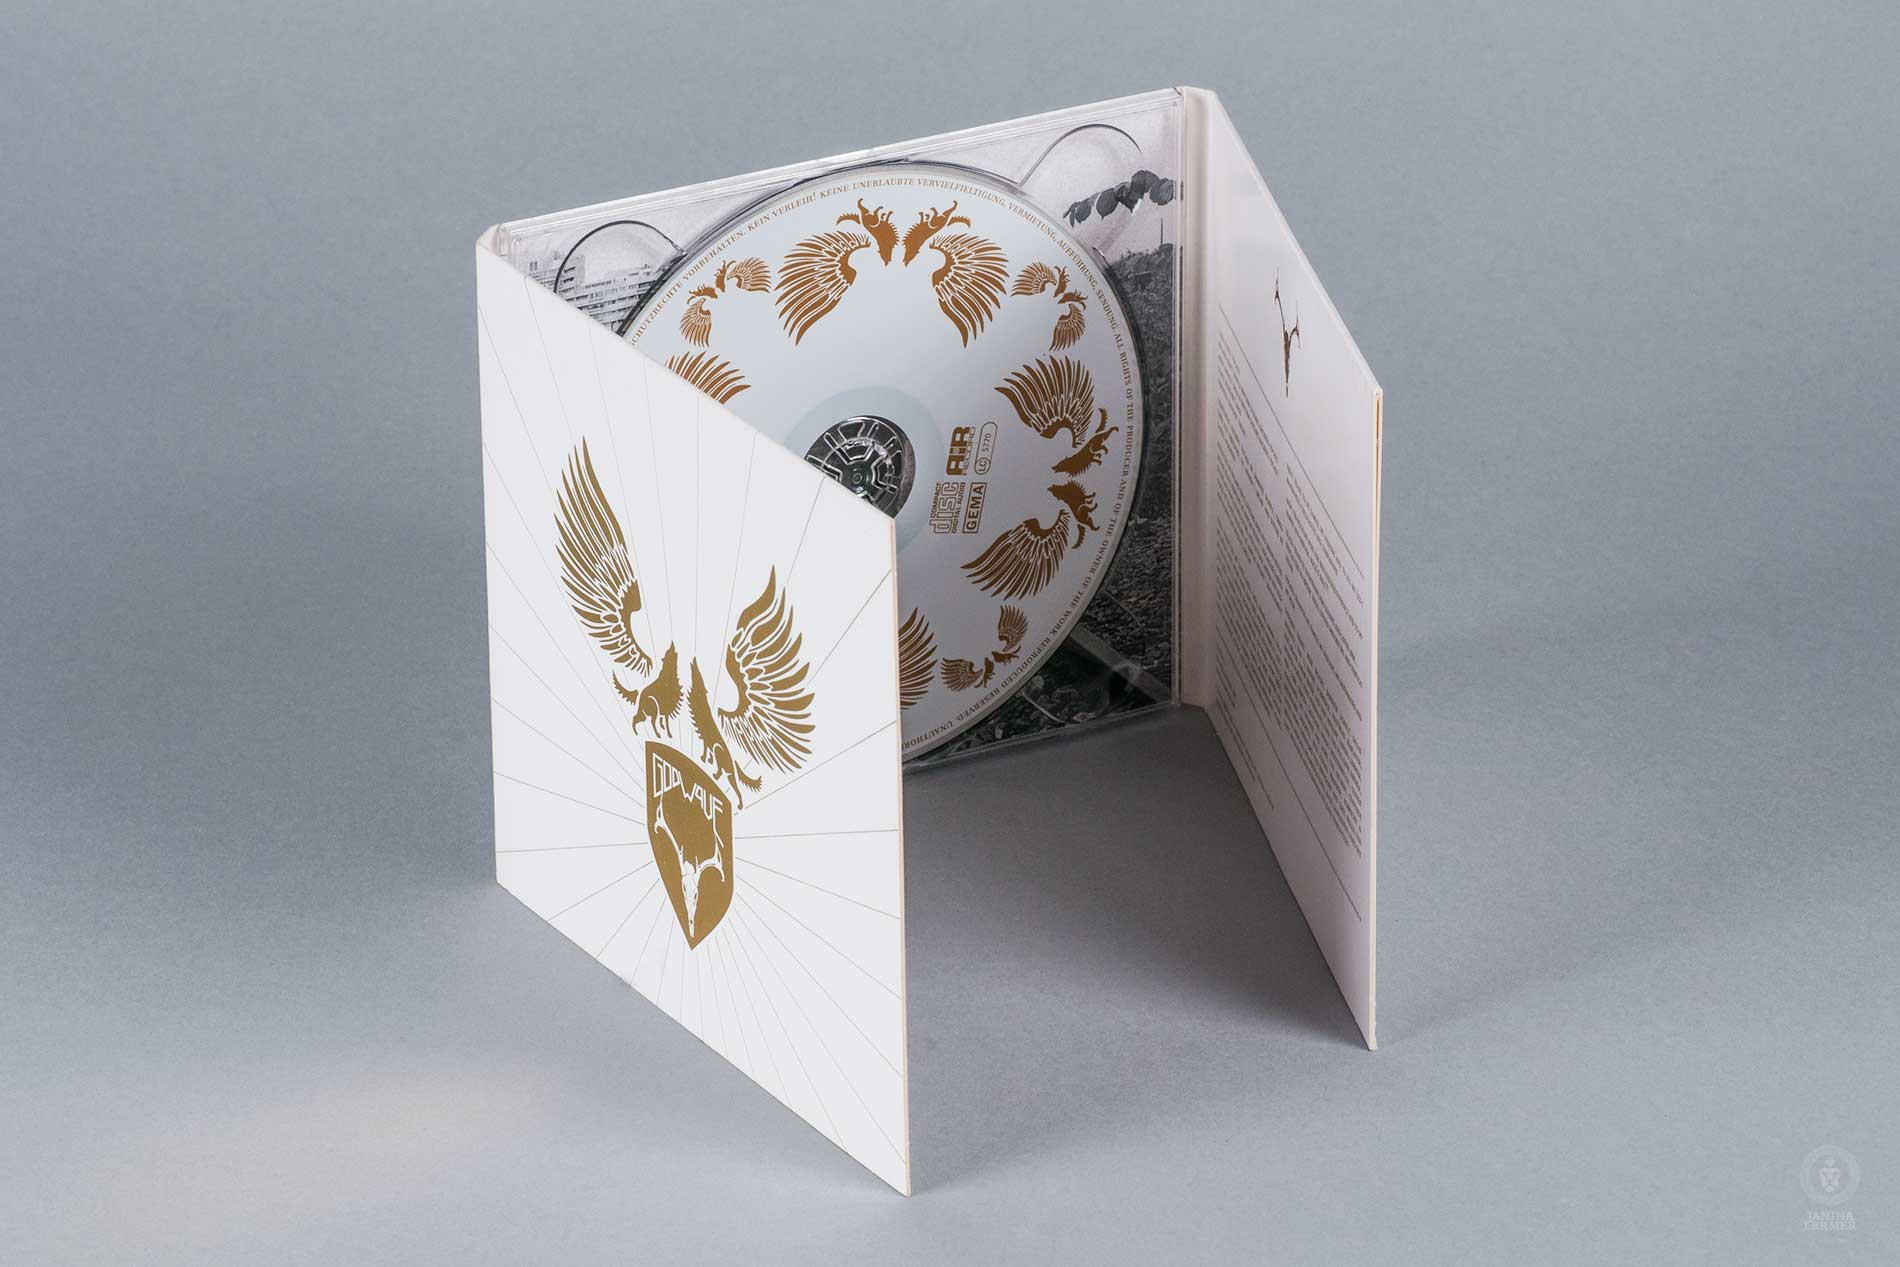 Janina-Lermer-Verpackungsgestaltung-Packagingdesign-CD-Cover-Band-Godwave